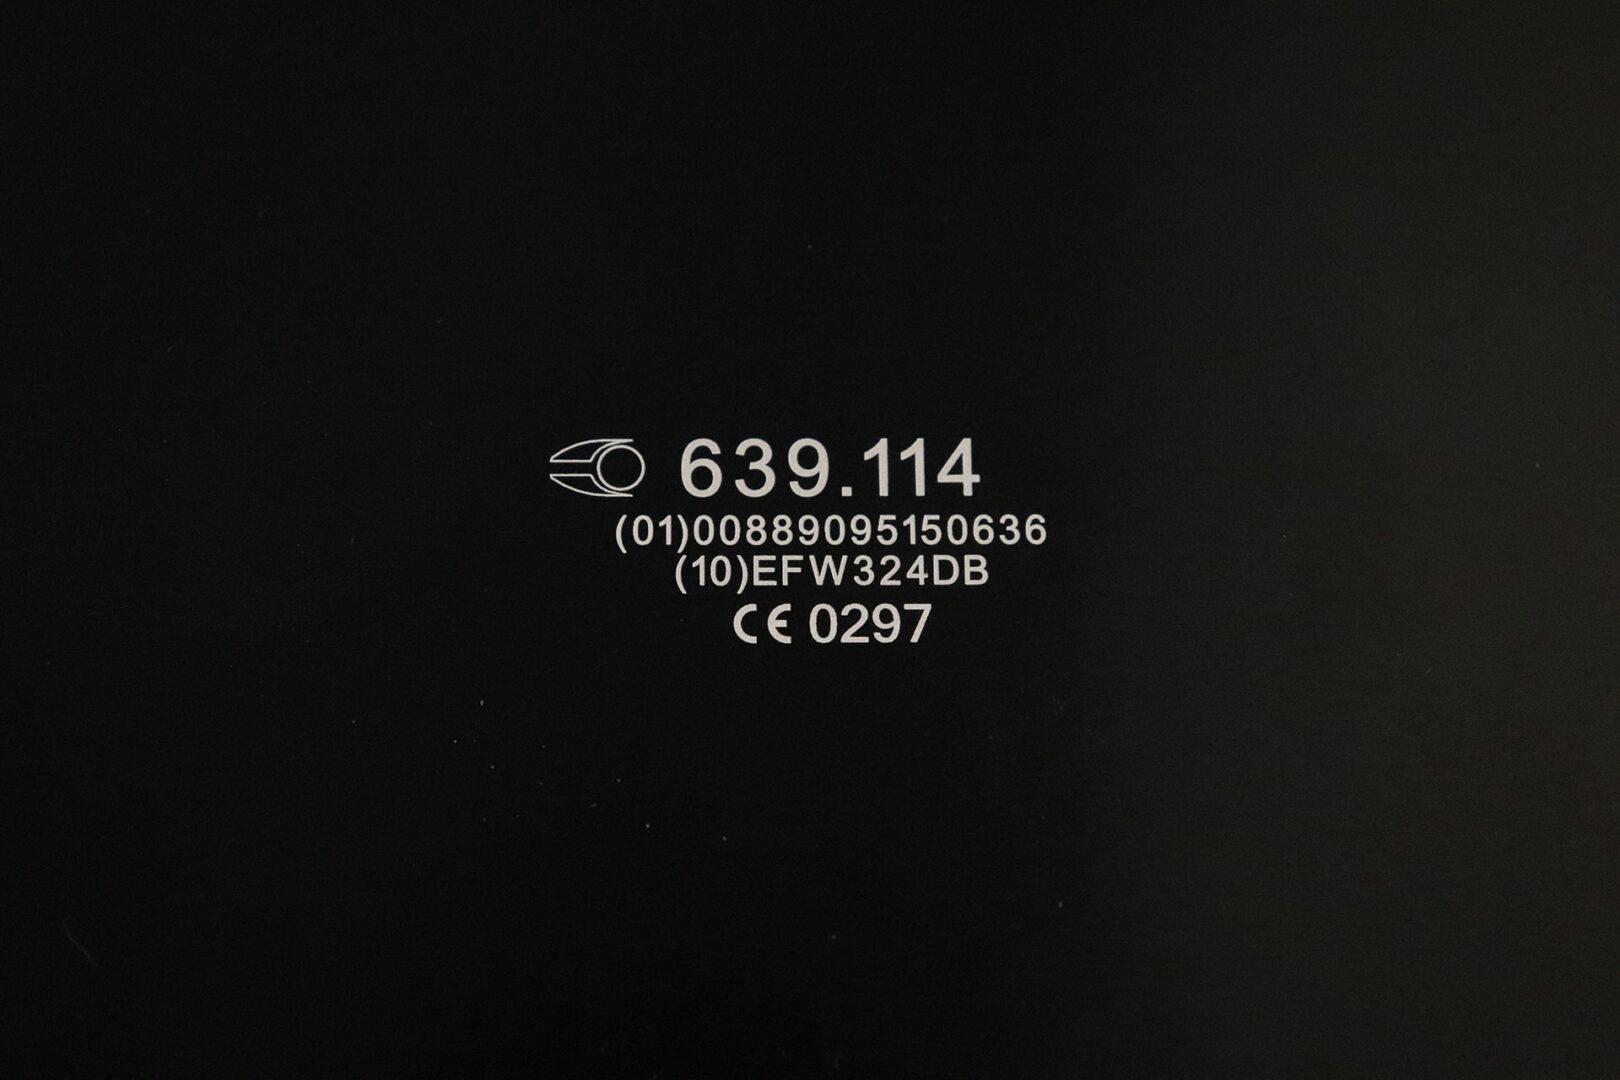 UDI-#1-1